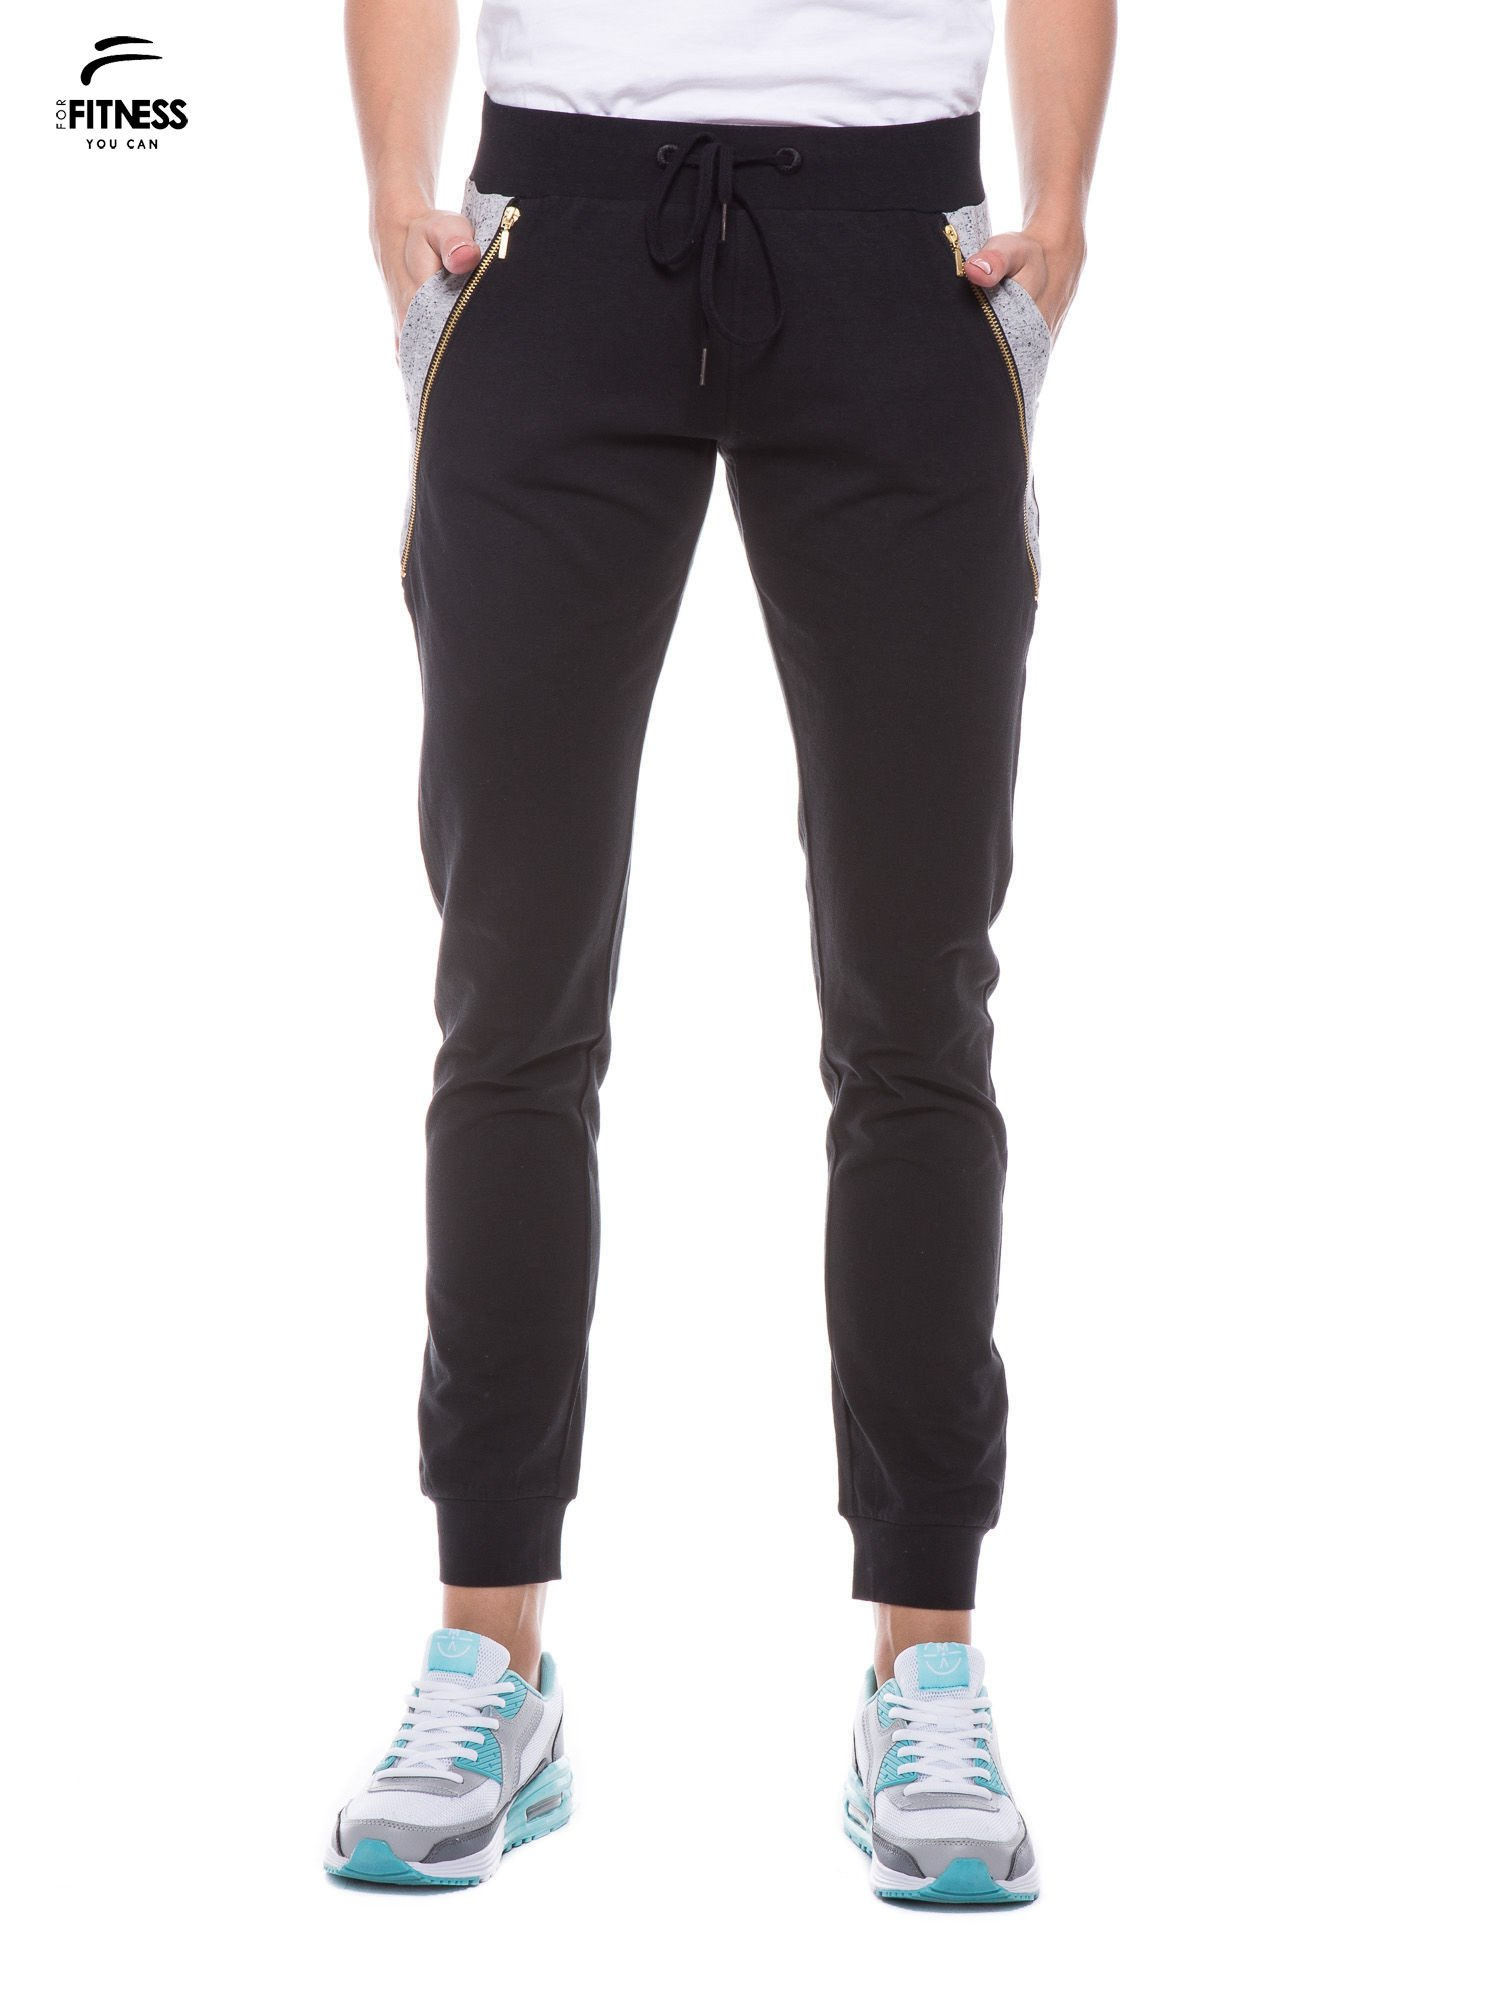 Czarne spodnie dresowe damskie z suwakiem i kontrastowymi wstawkami po bokach                                  zdj.                                  1